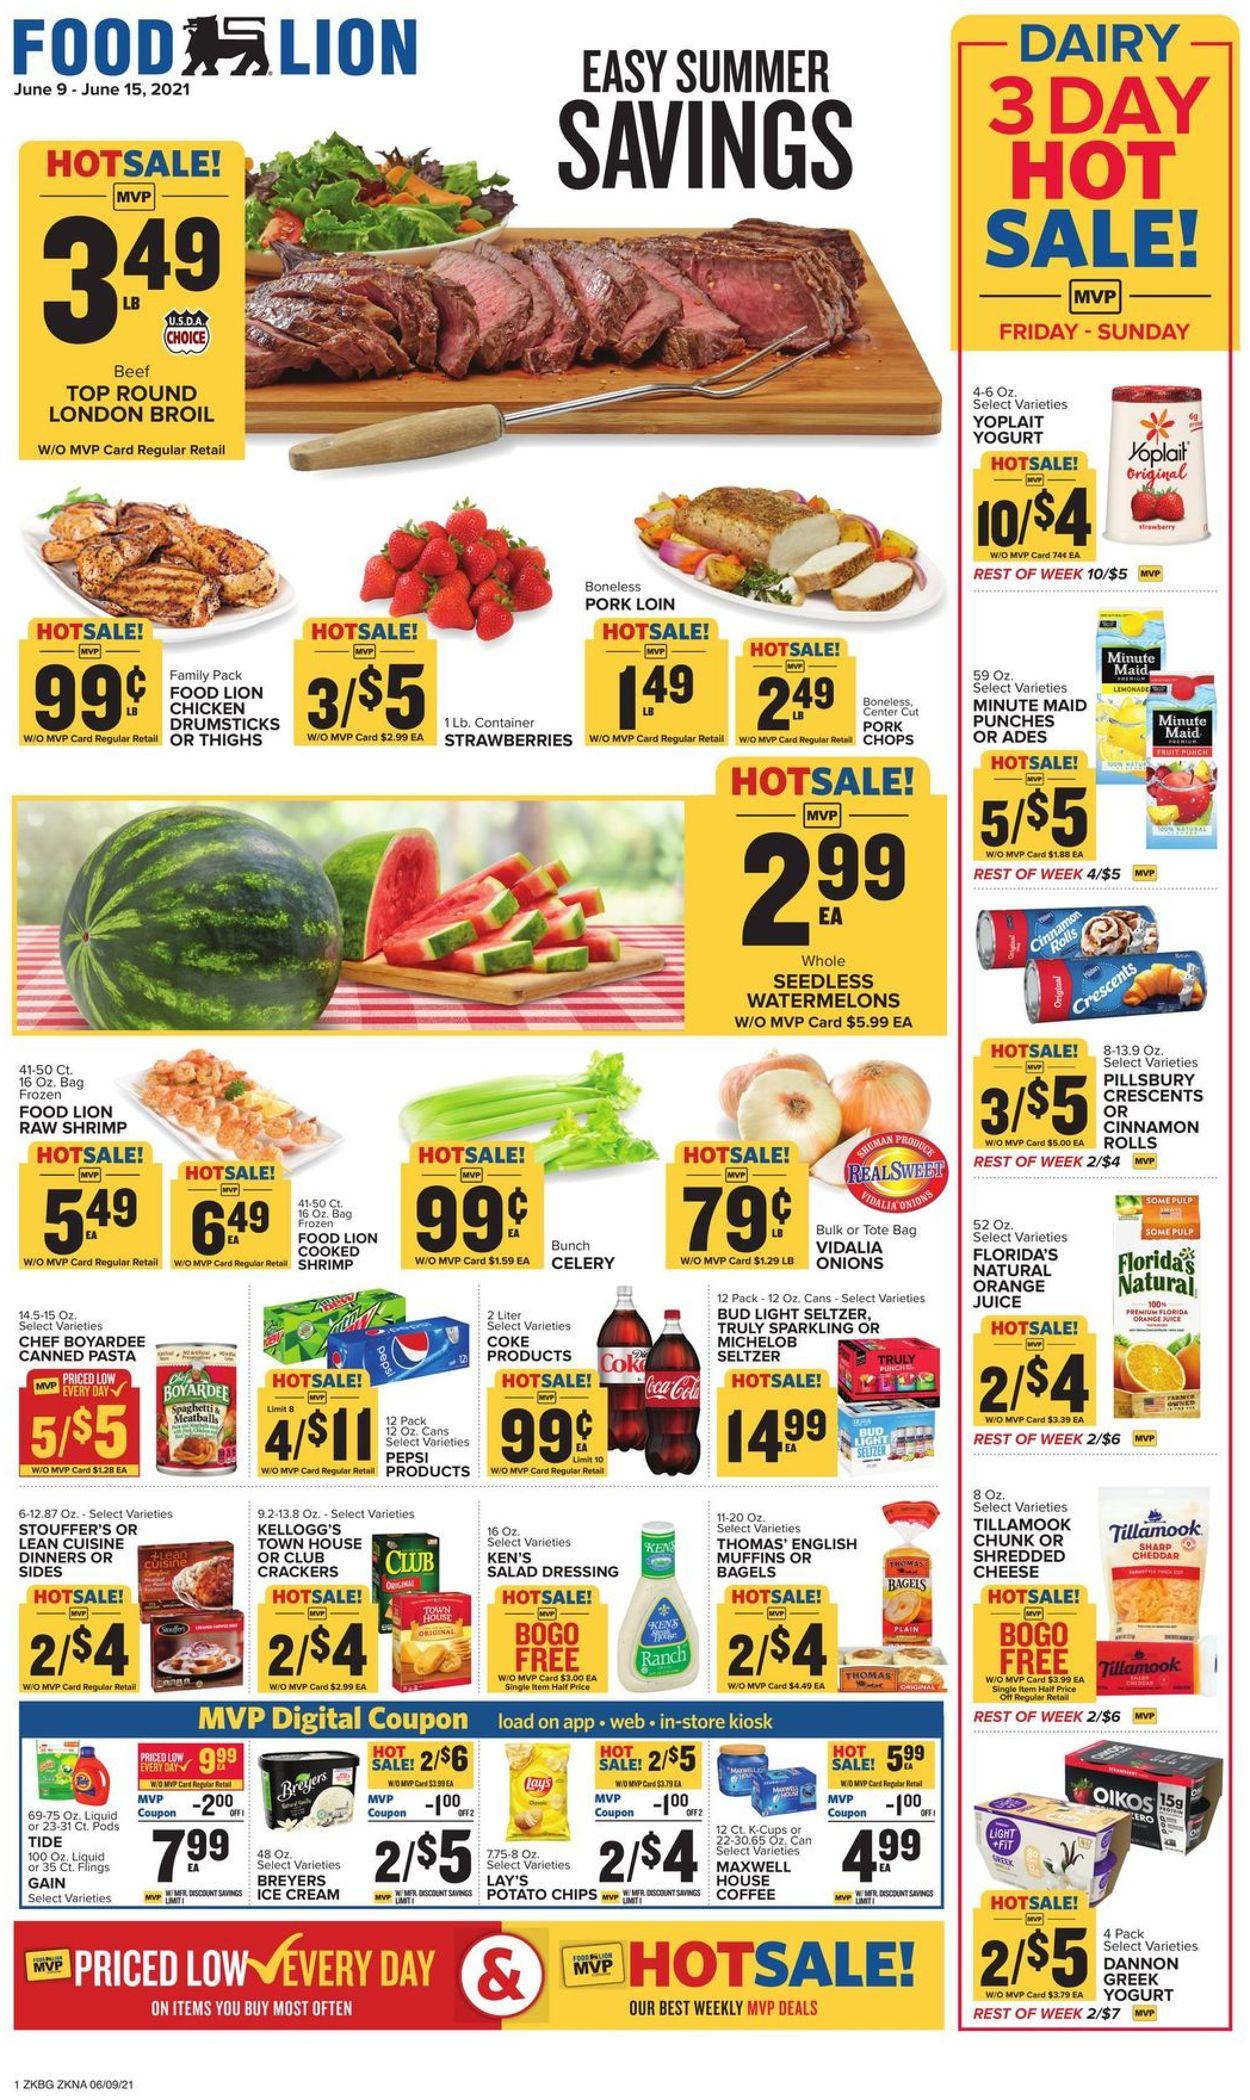 Food Lion Weekly Ad Circular - valid 06/09-06/15/2021